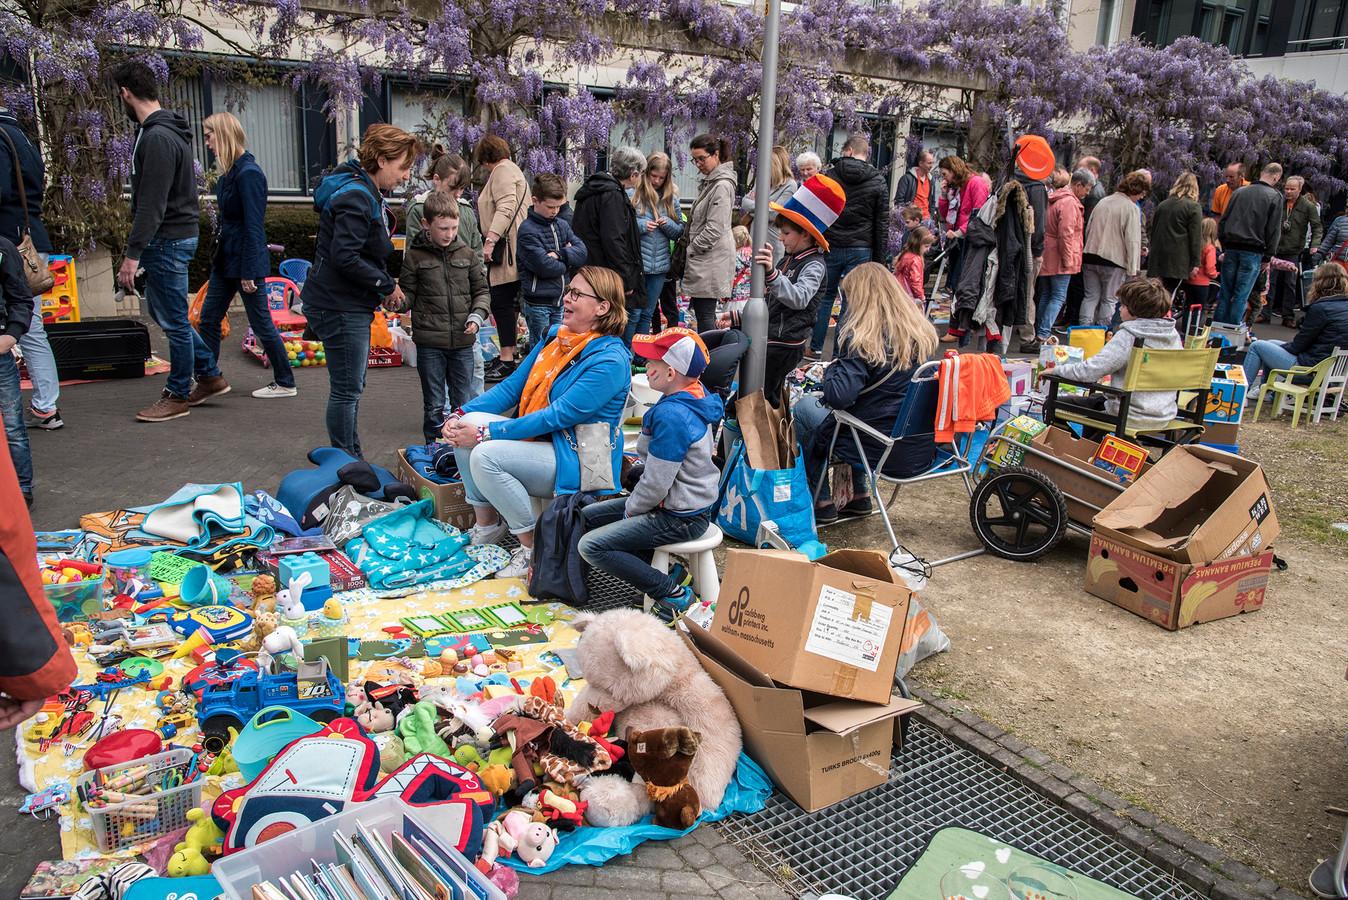 De vrijmarkt tijdens Koningsdag in Groesbeek. Archieffoto